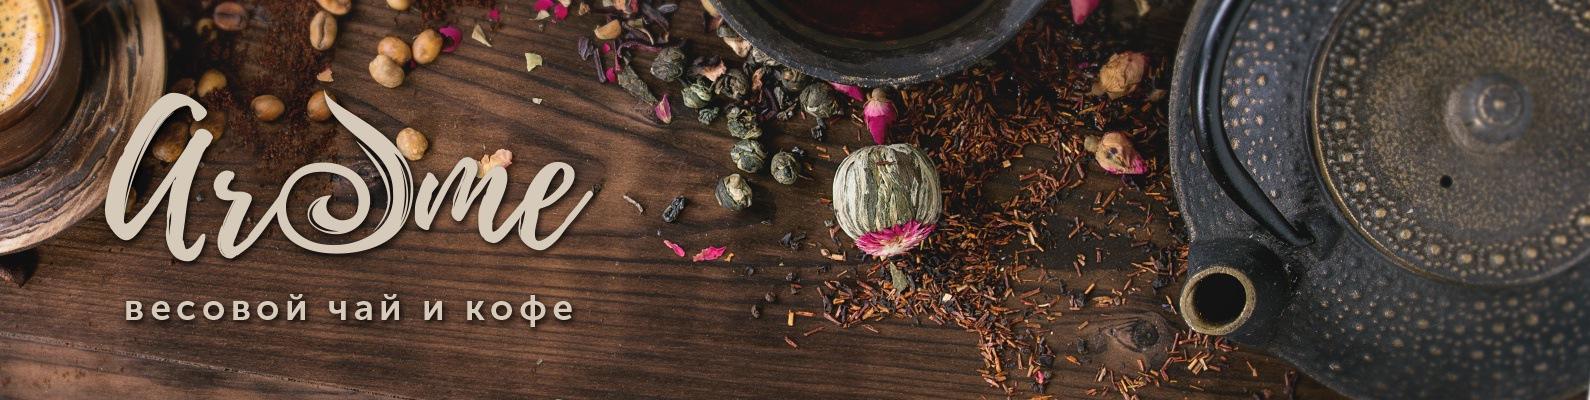 Весовой чай кофе